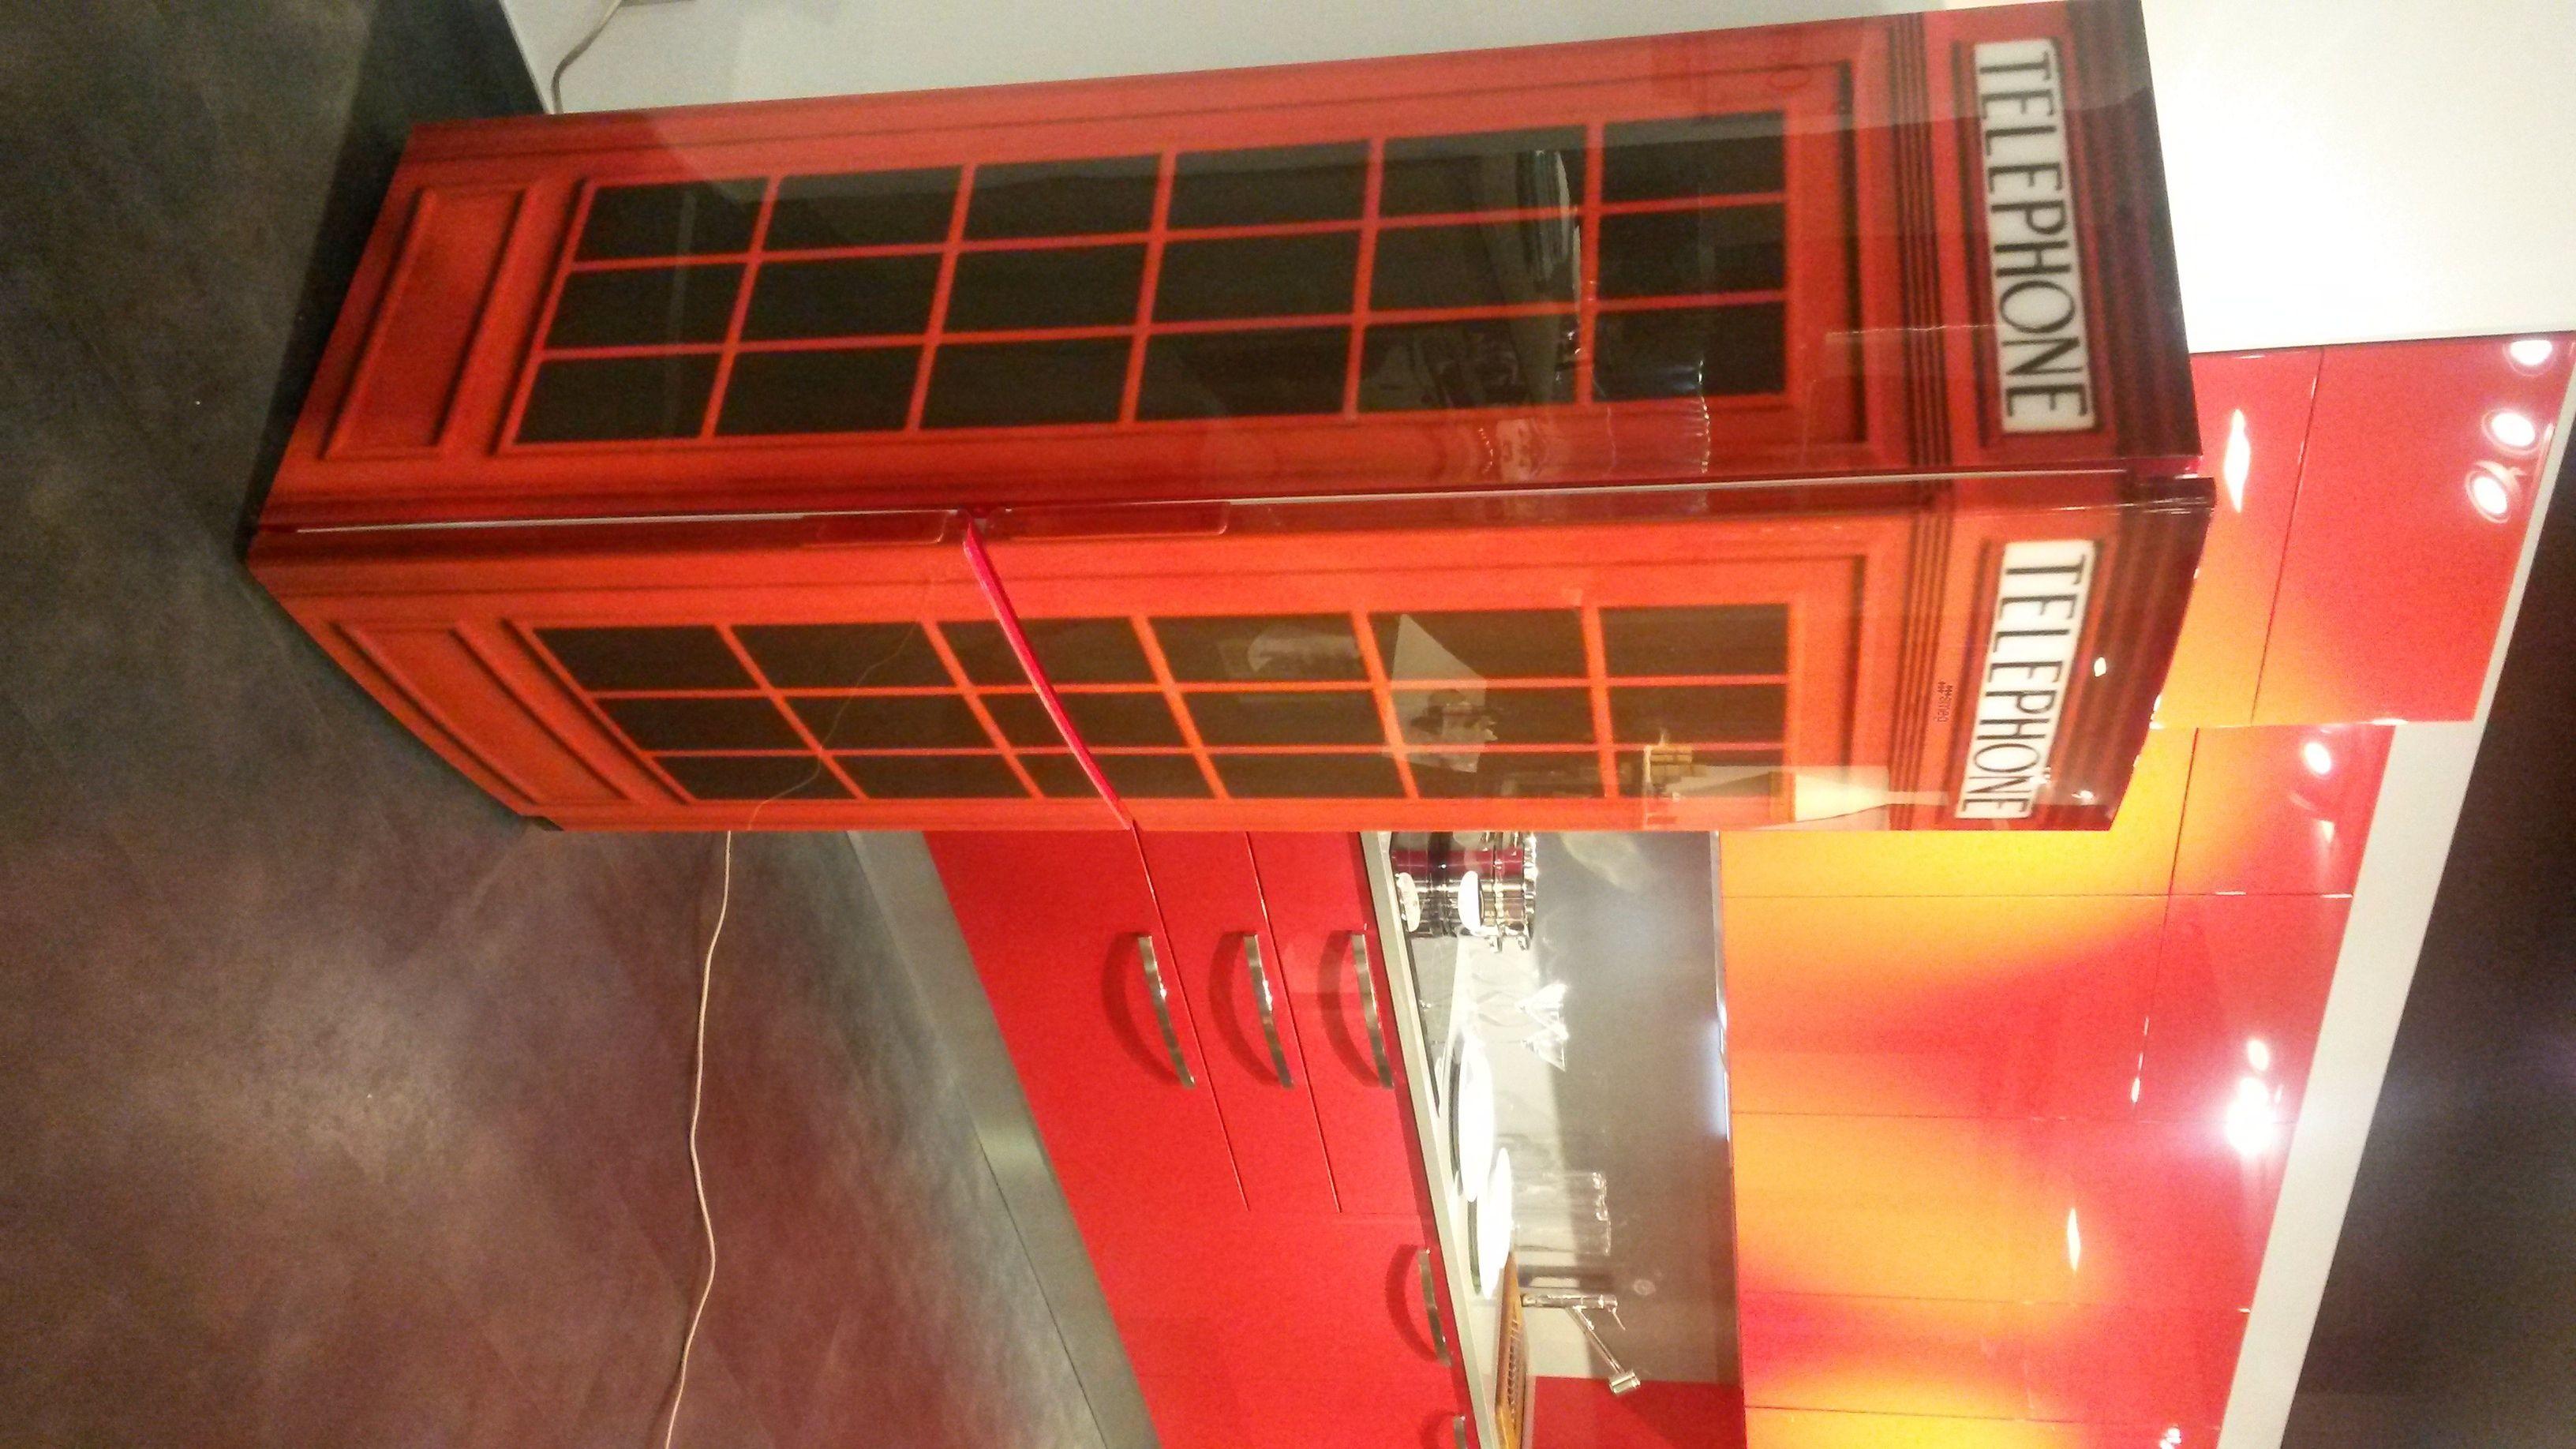 frigorifero cabina telefonica inglese   FRIGORIFERO PERSONALIZZATO ...